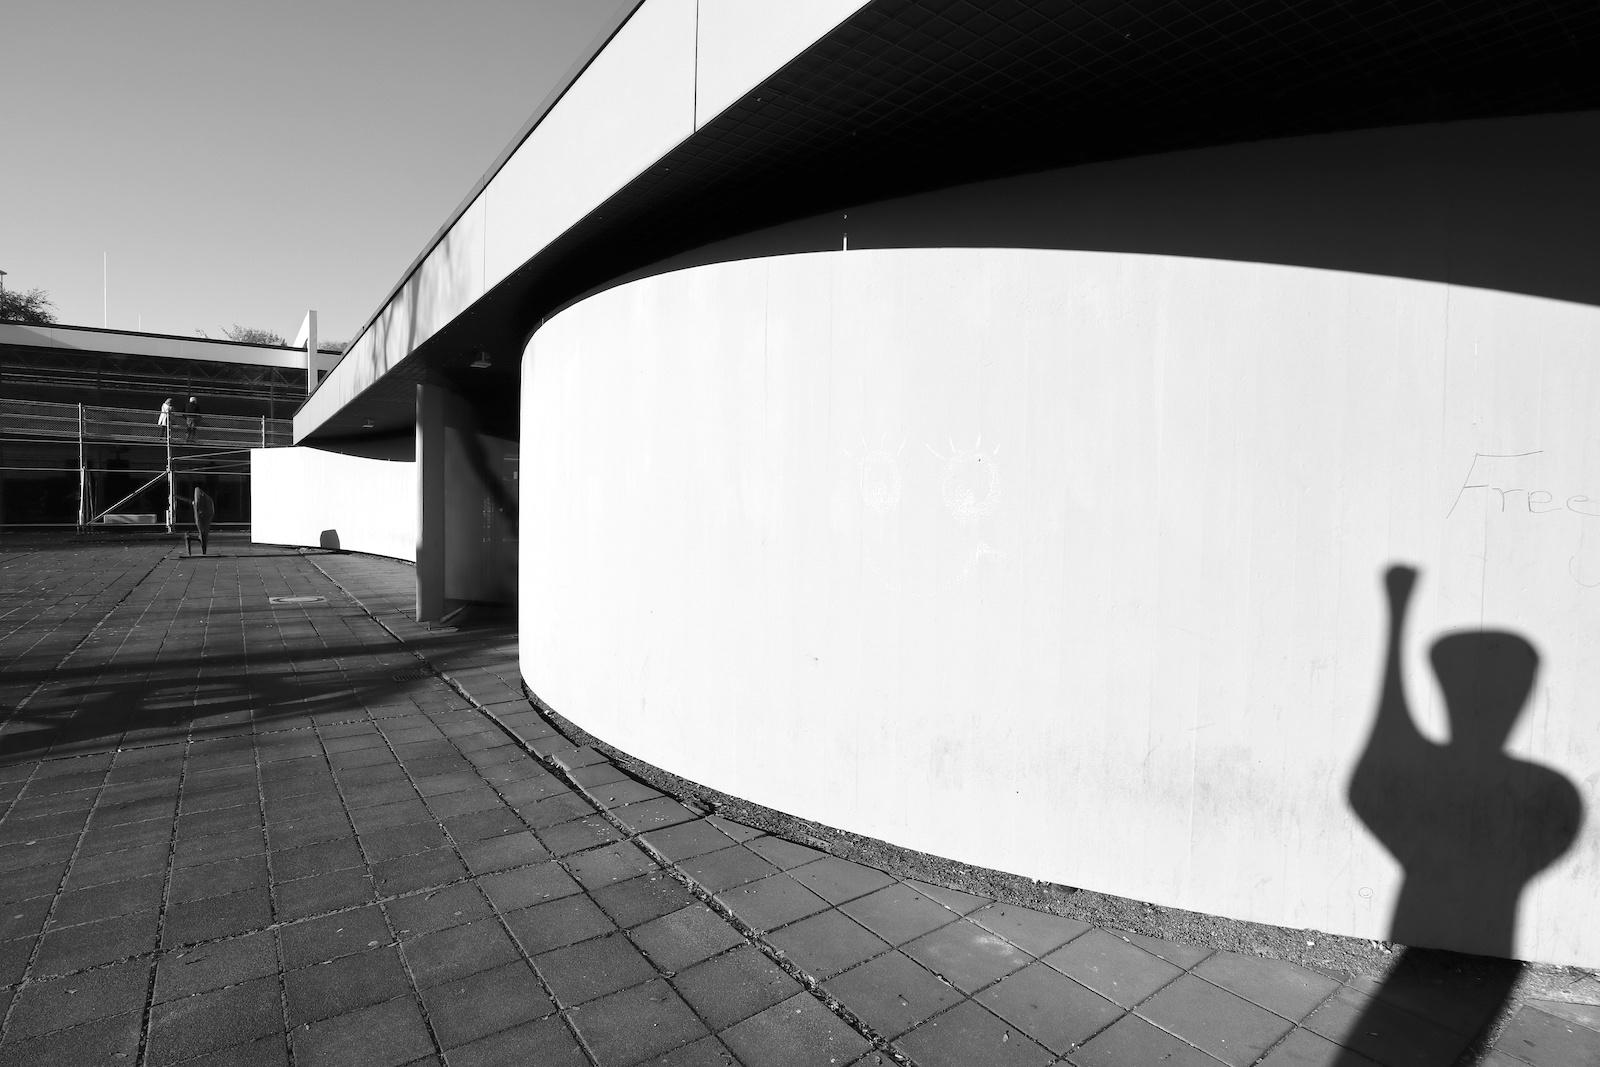 Lehmbruck Museum. Entwurf: Manfred Lehmbruck, 1964 und 1987 (Erweiterungsbau).